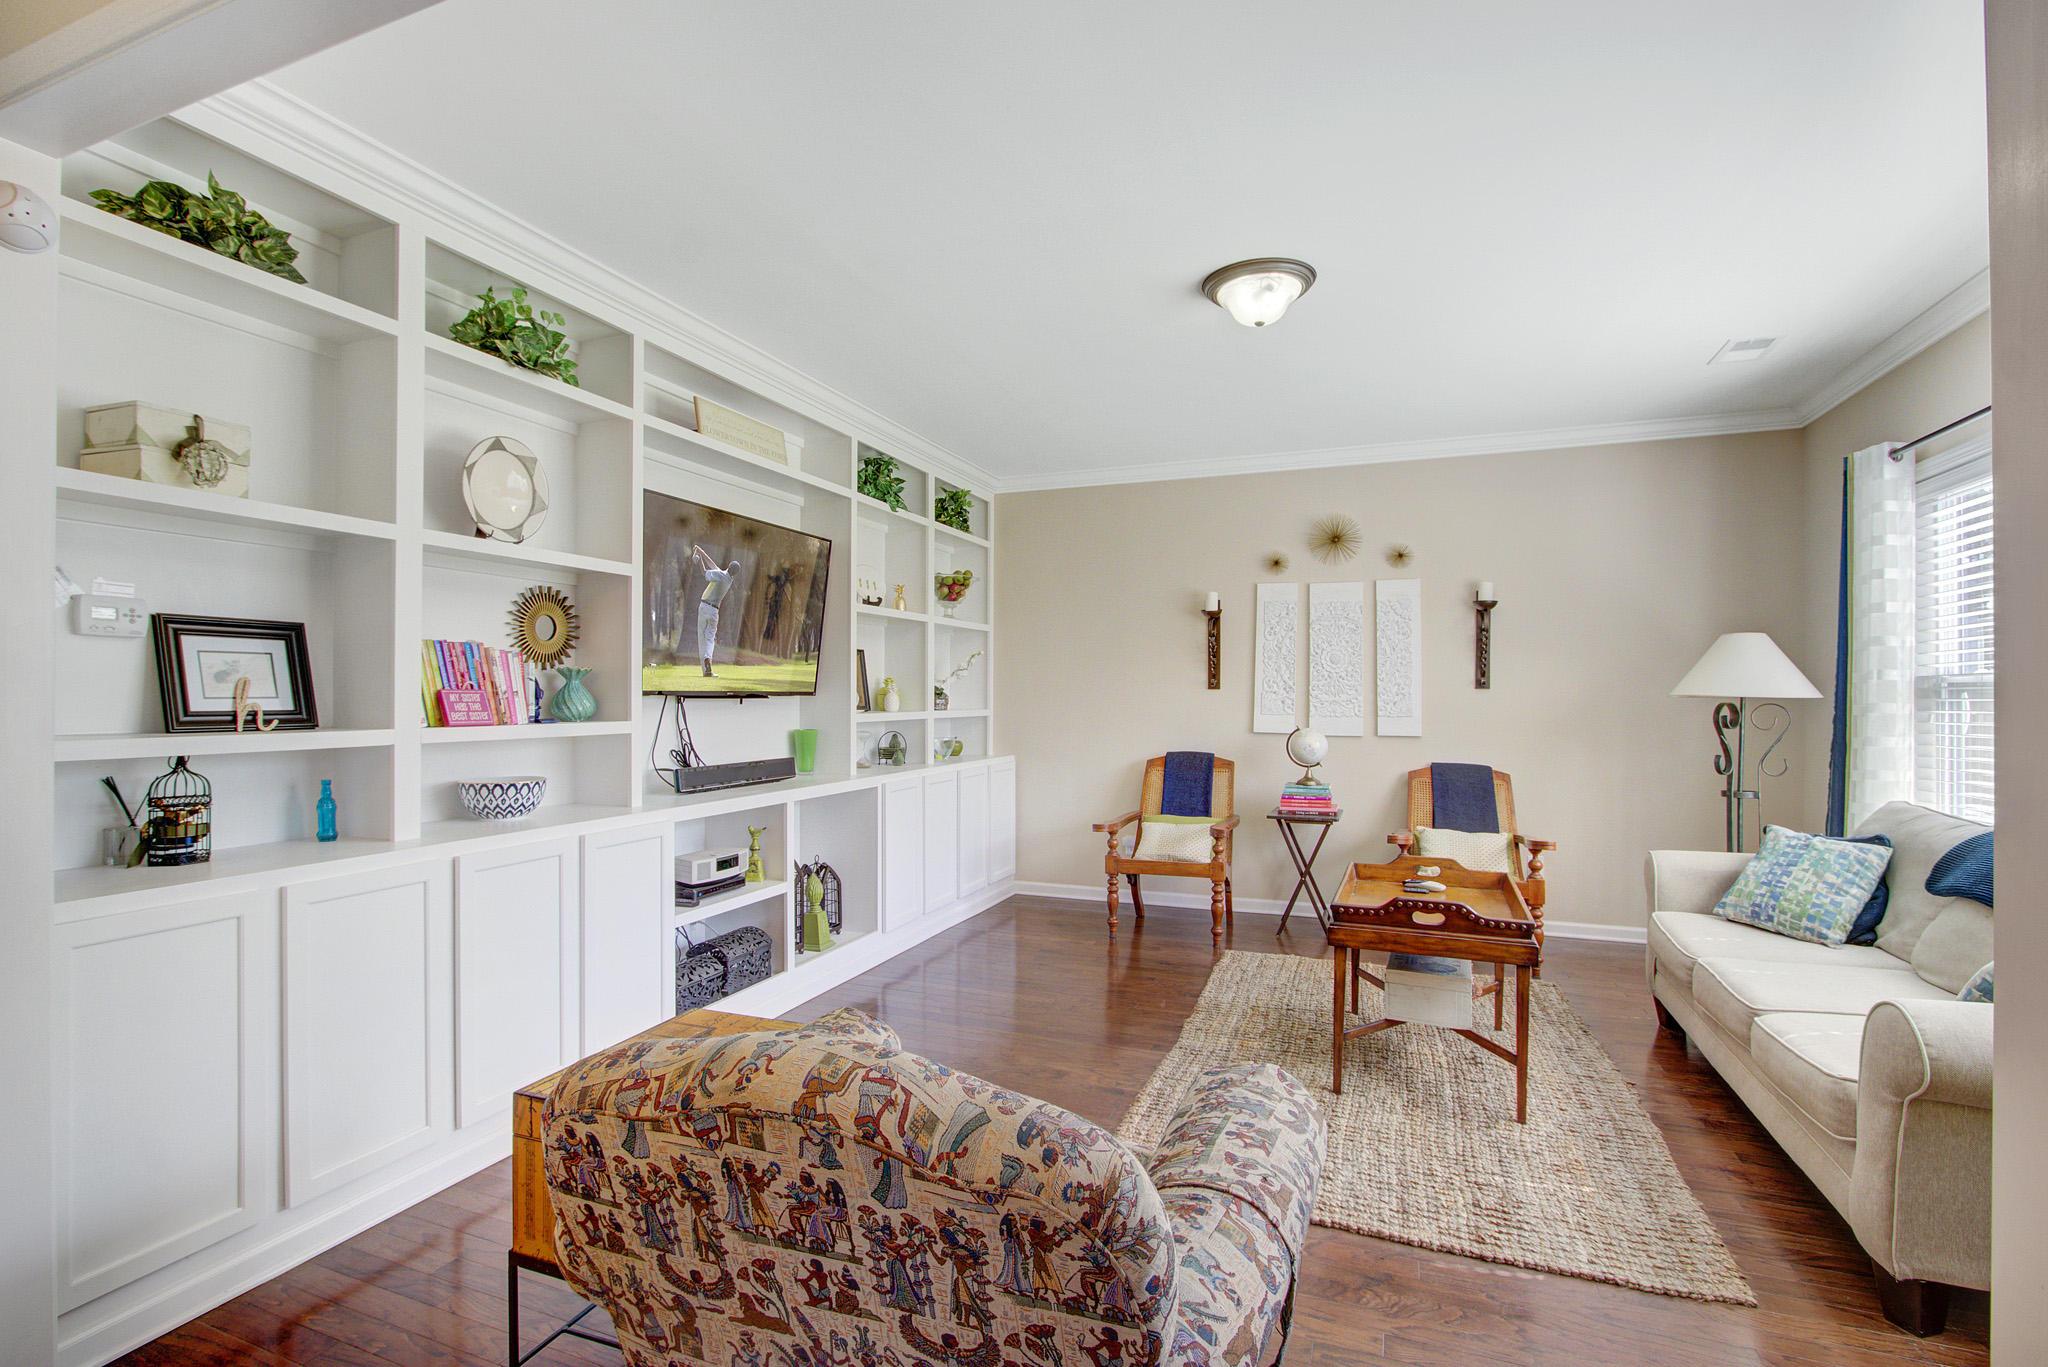 Sunnyfield Homes For Sale - 203 Medford, Summerville, SC - 27